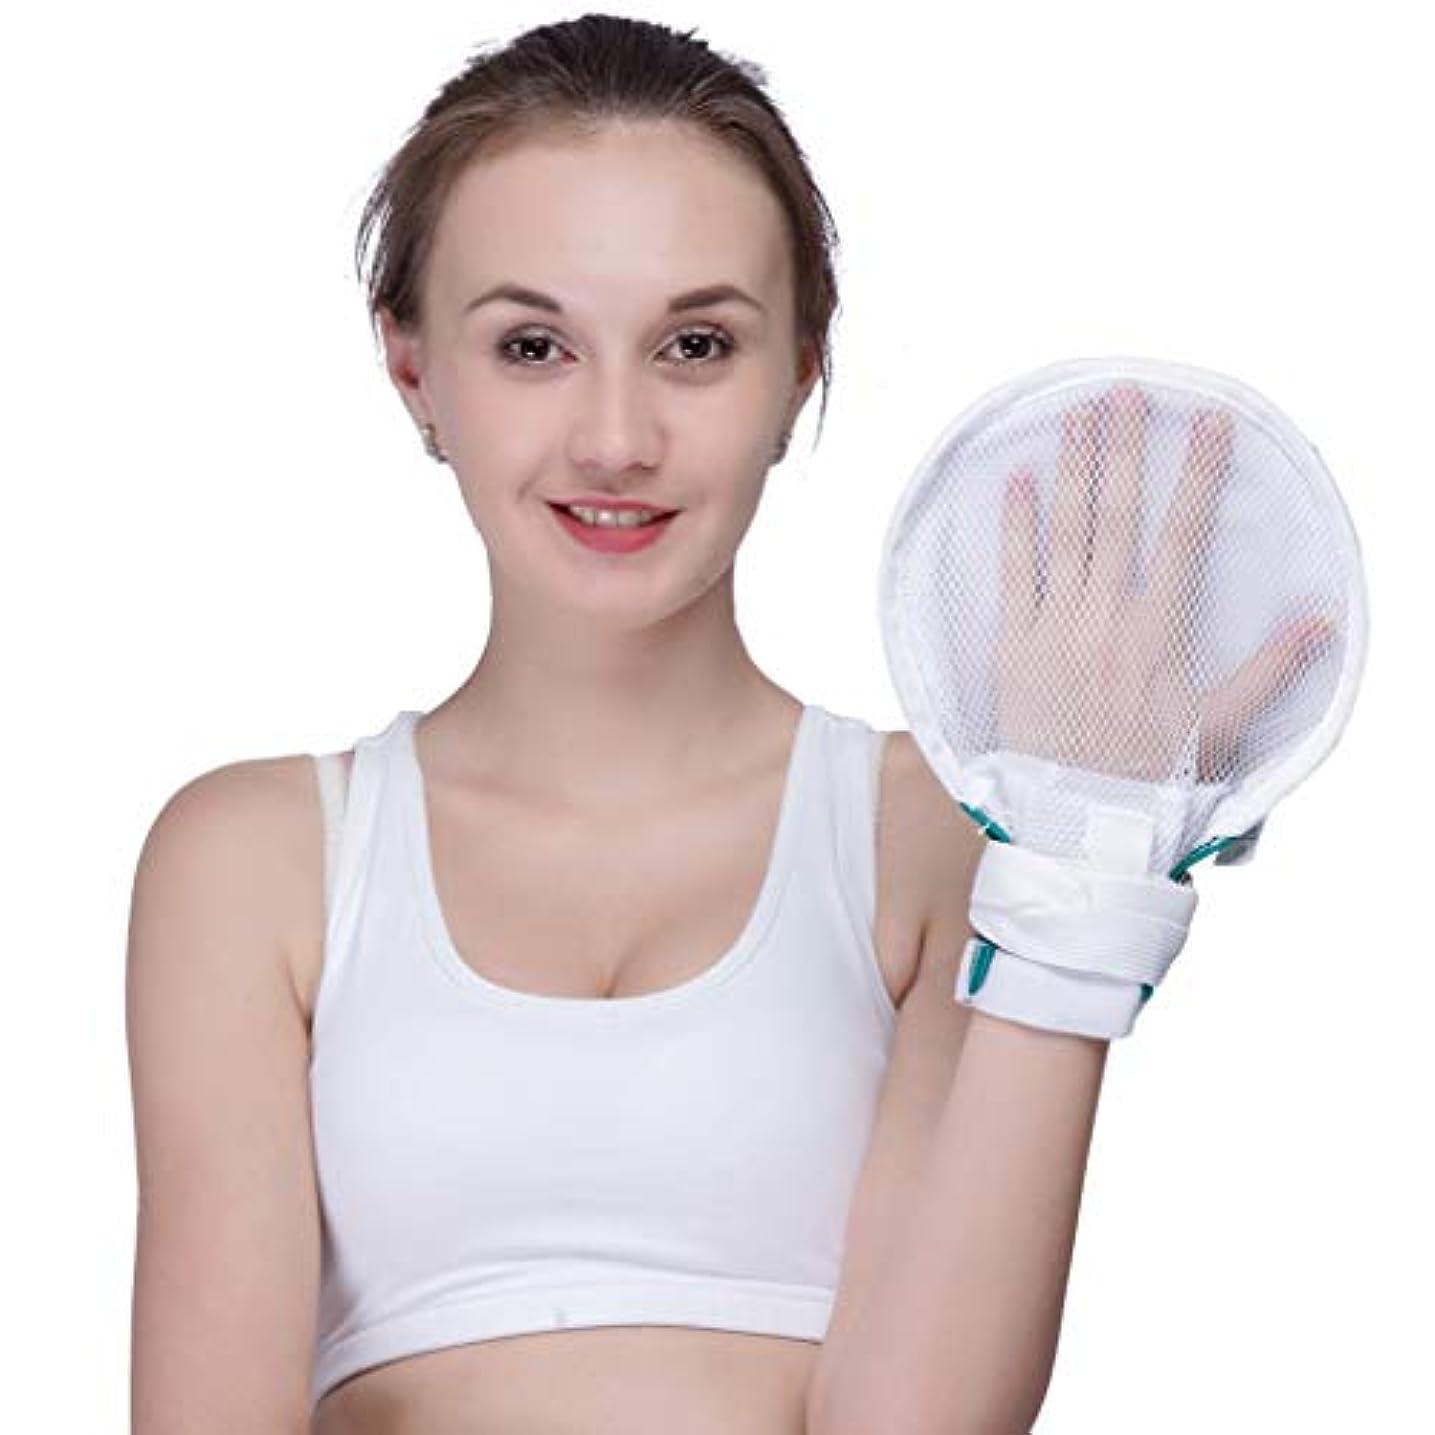 クレーン運ぶ扇動する医療用コントロールミット - 認知症用手袋安全手袋患者用手感染プロテクター自己害を防ぐためのパッド入りミット